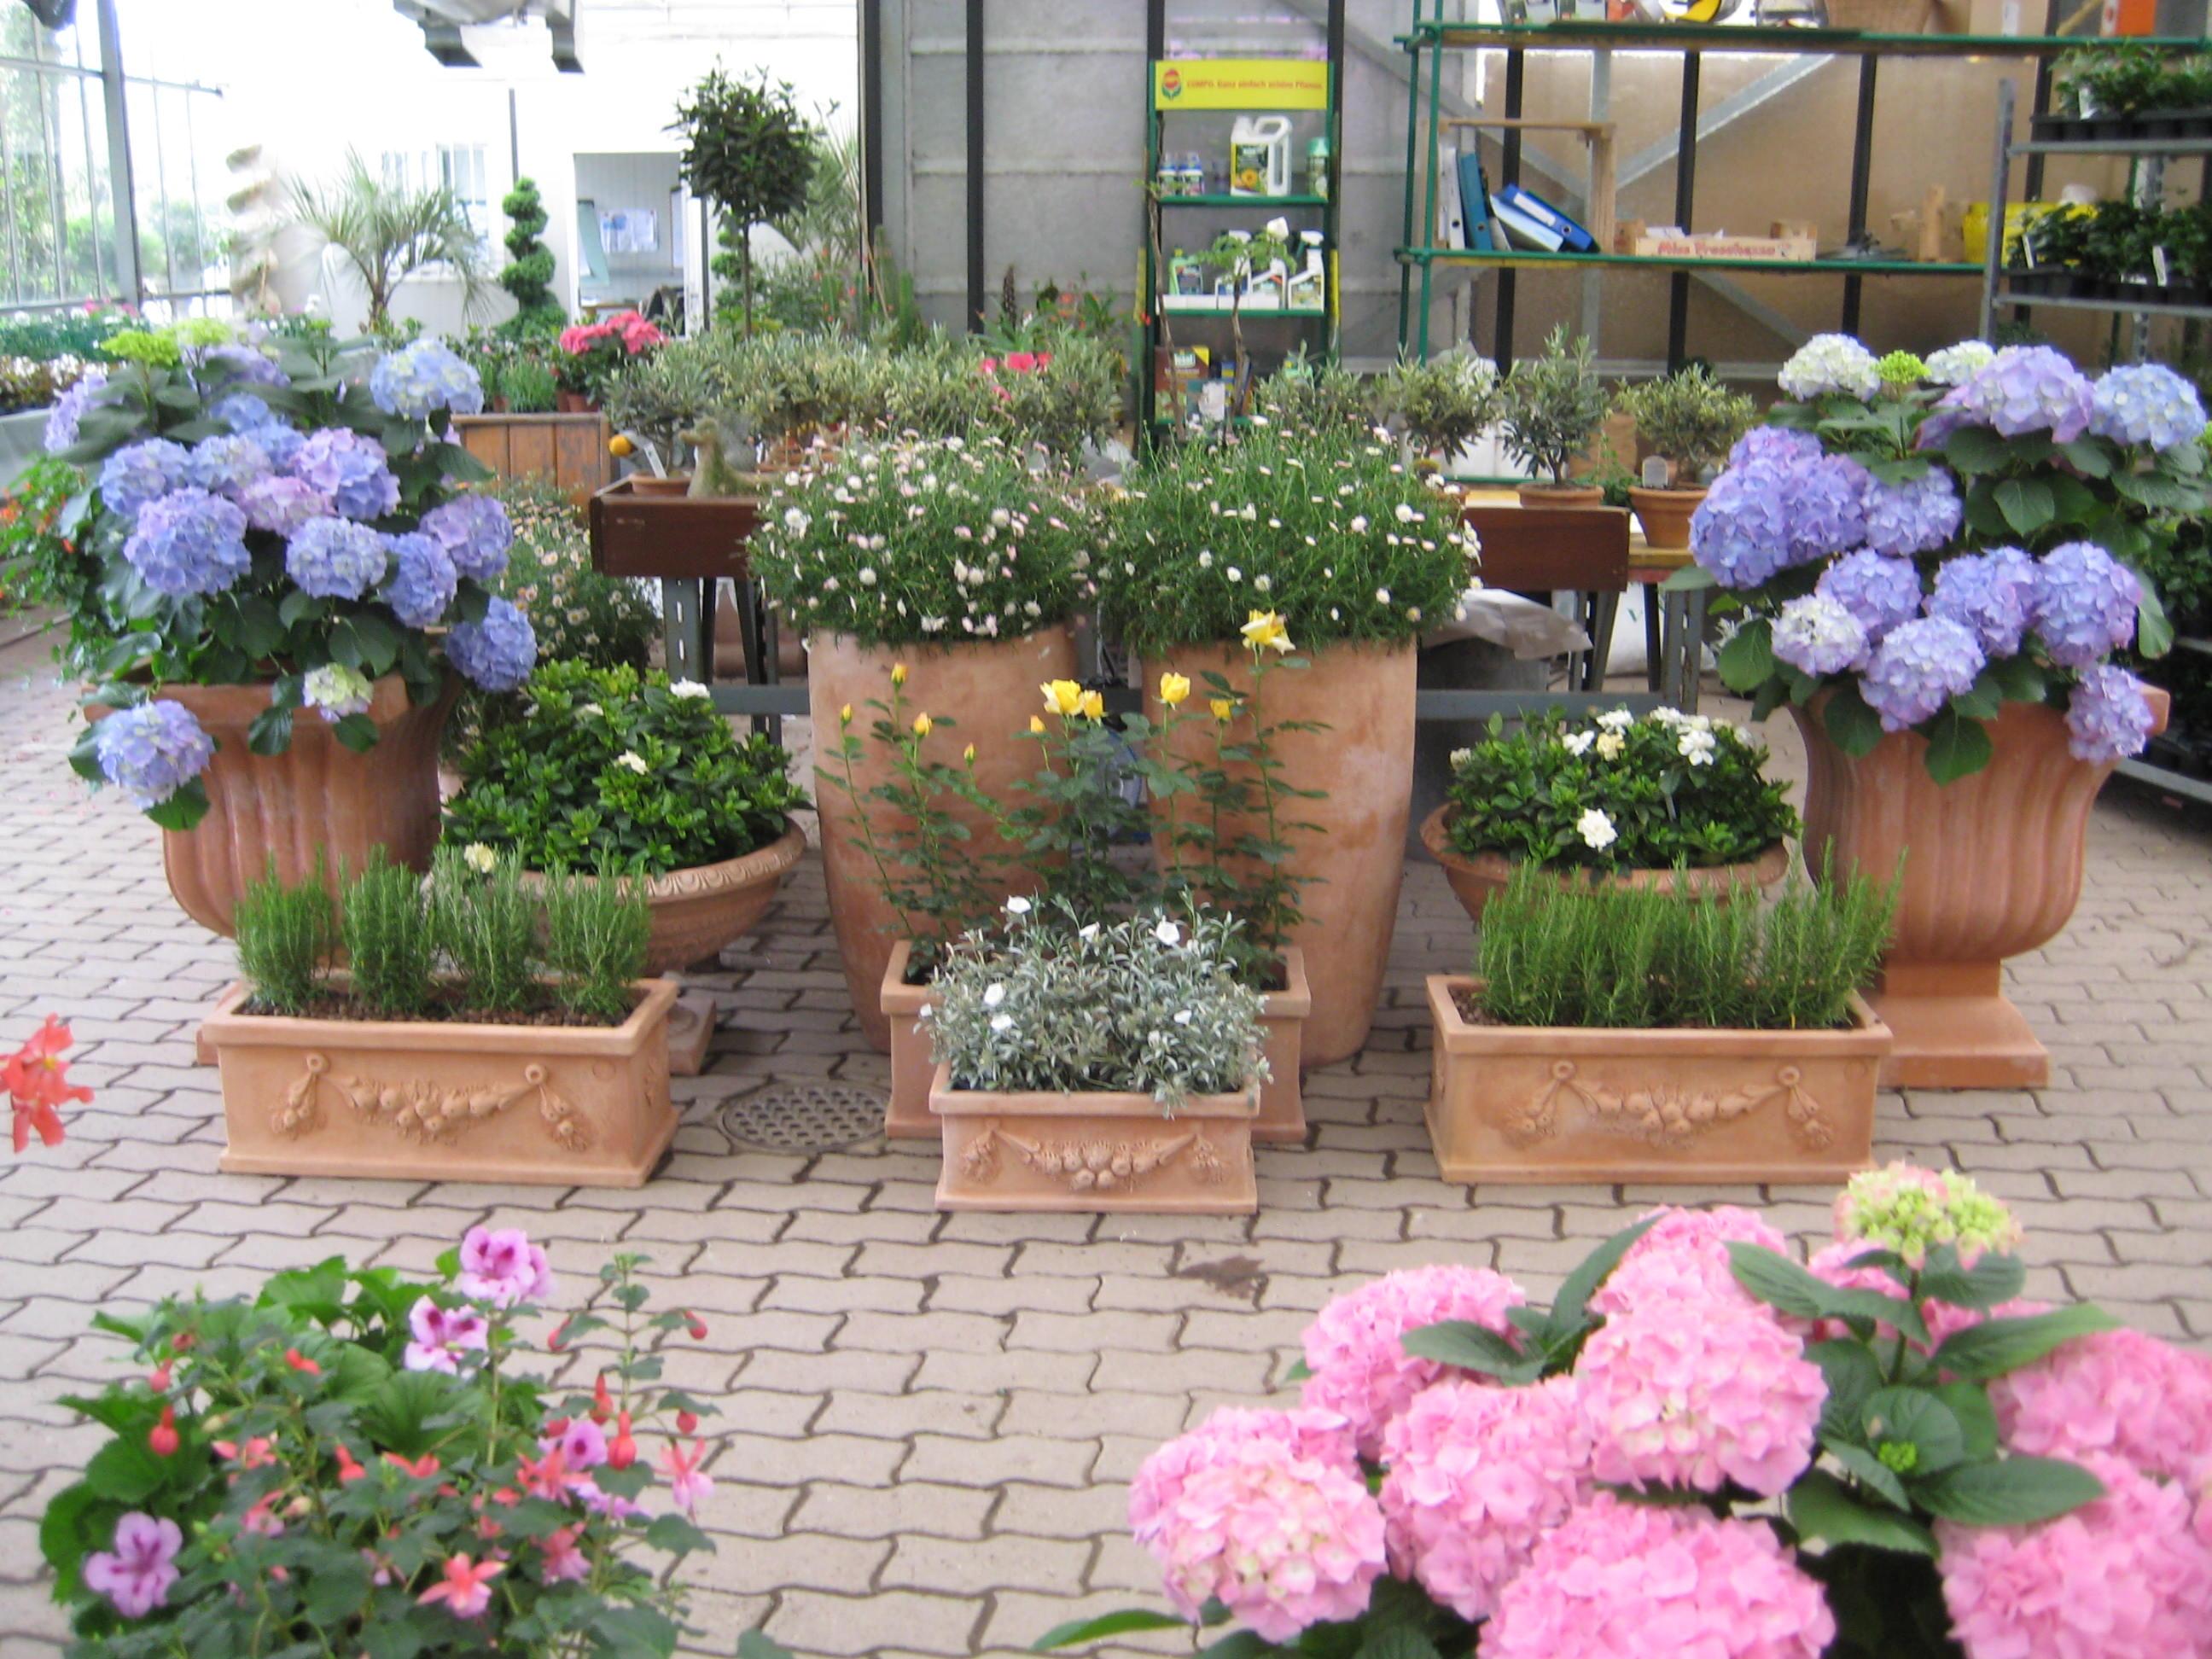 Grano giardini blog archive vasi impruneta for Vasi in cotto prezzi